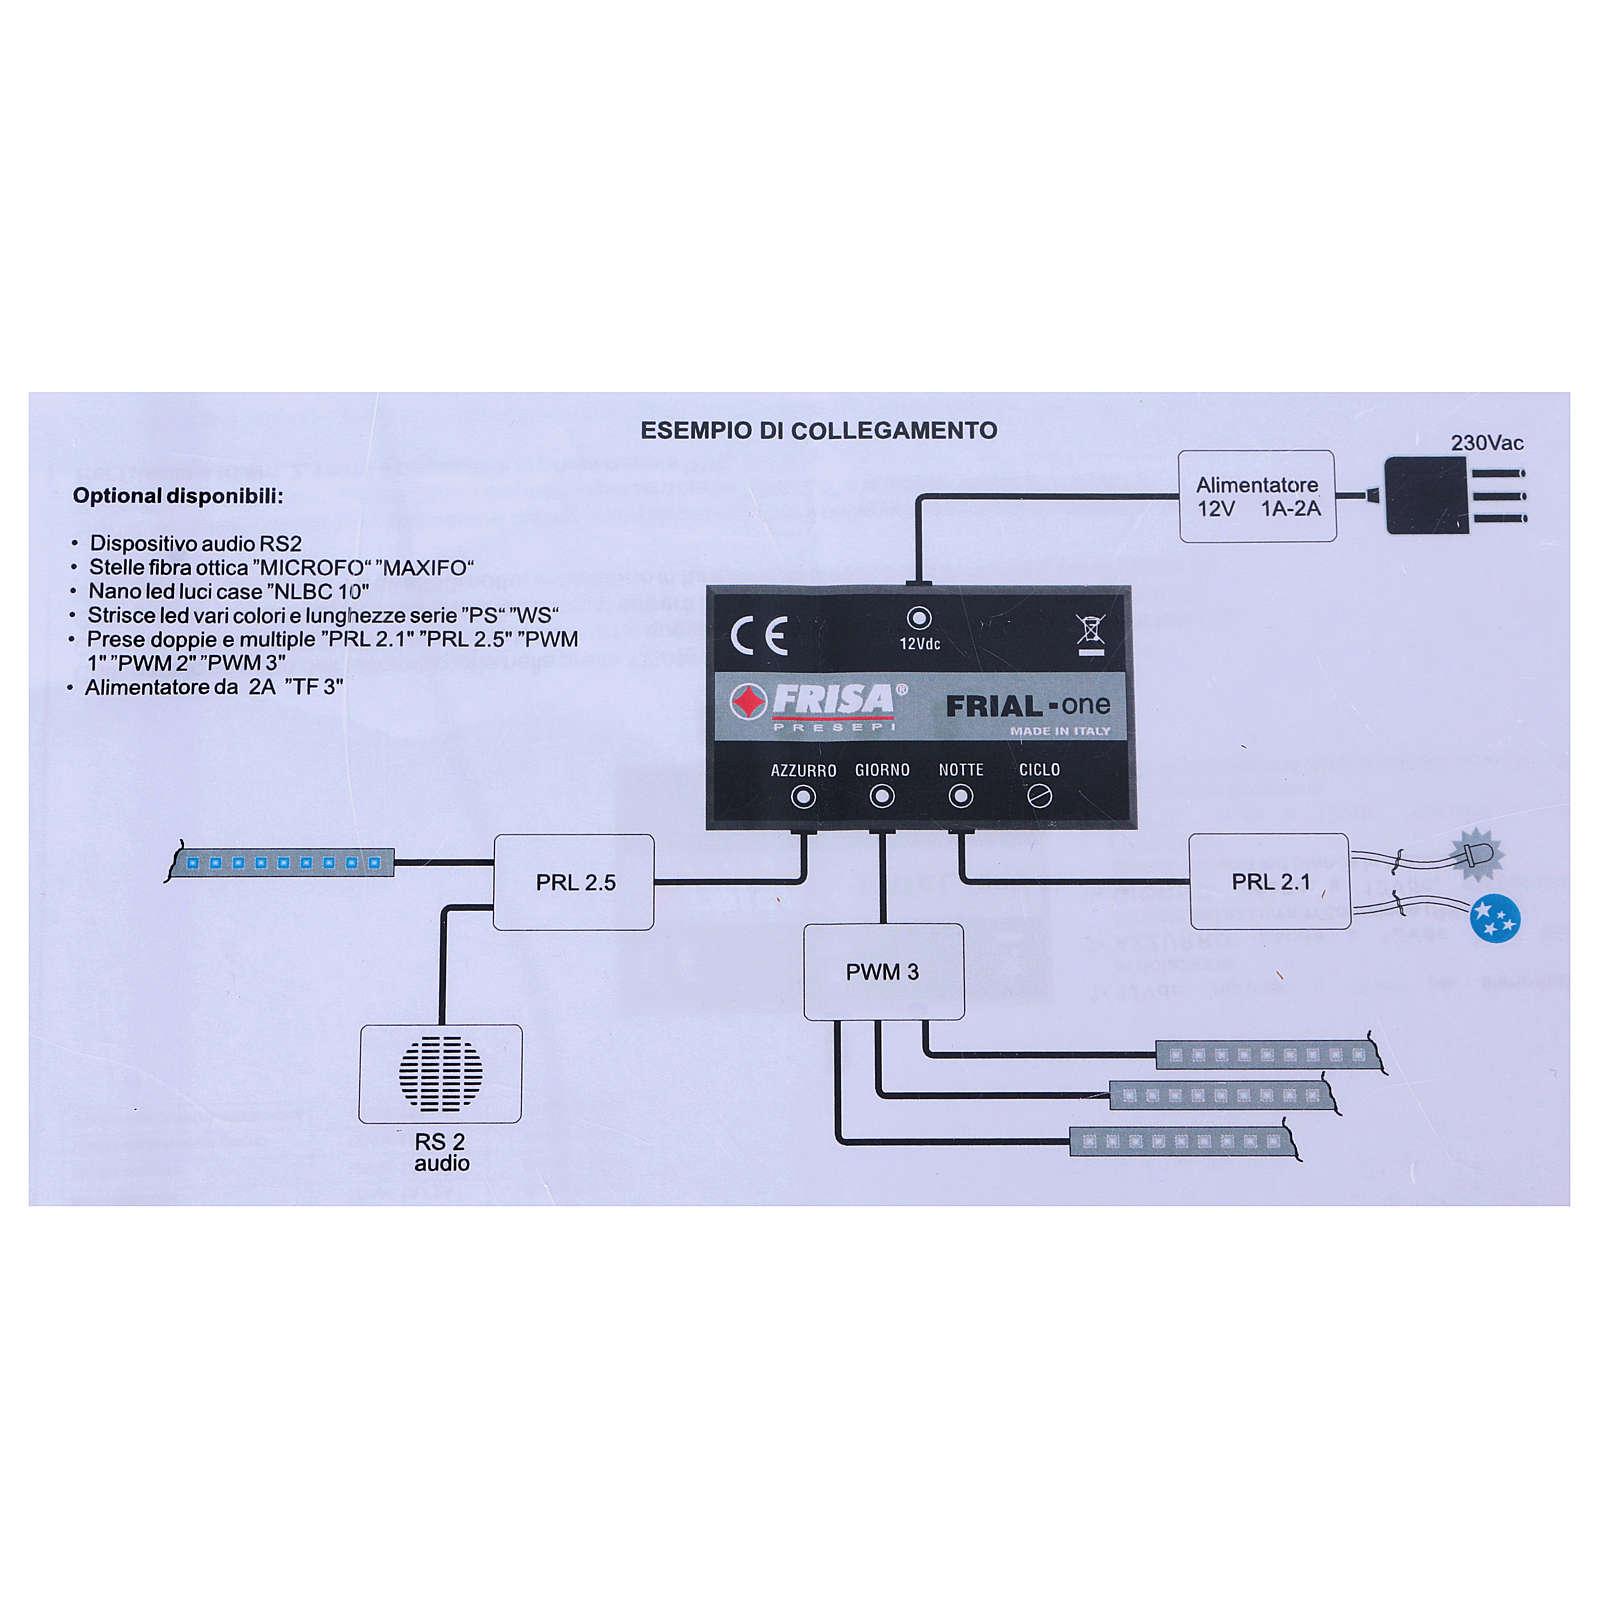 Circuito de control Frial One Star 30 led azules 60 led blancos dispositivo musical estrellas fibra óptica 4